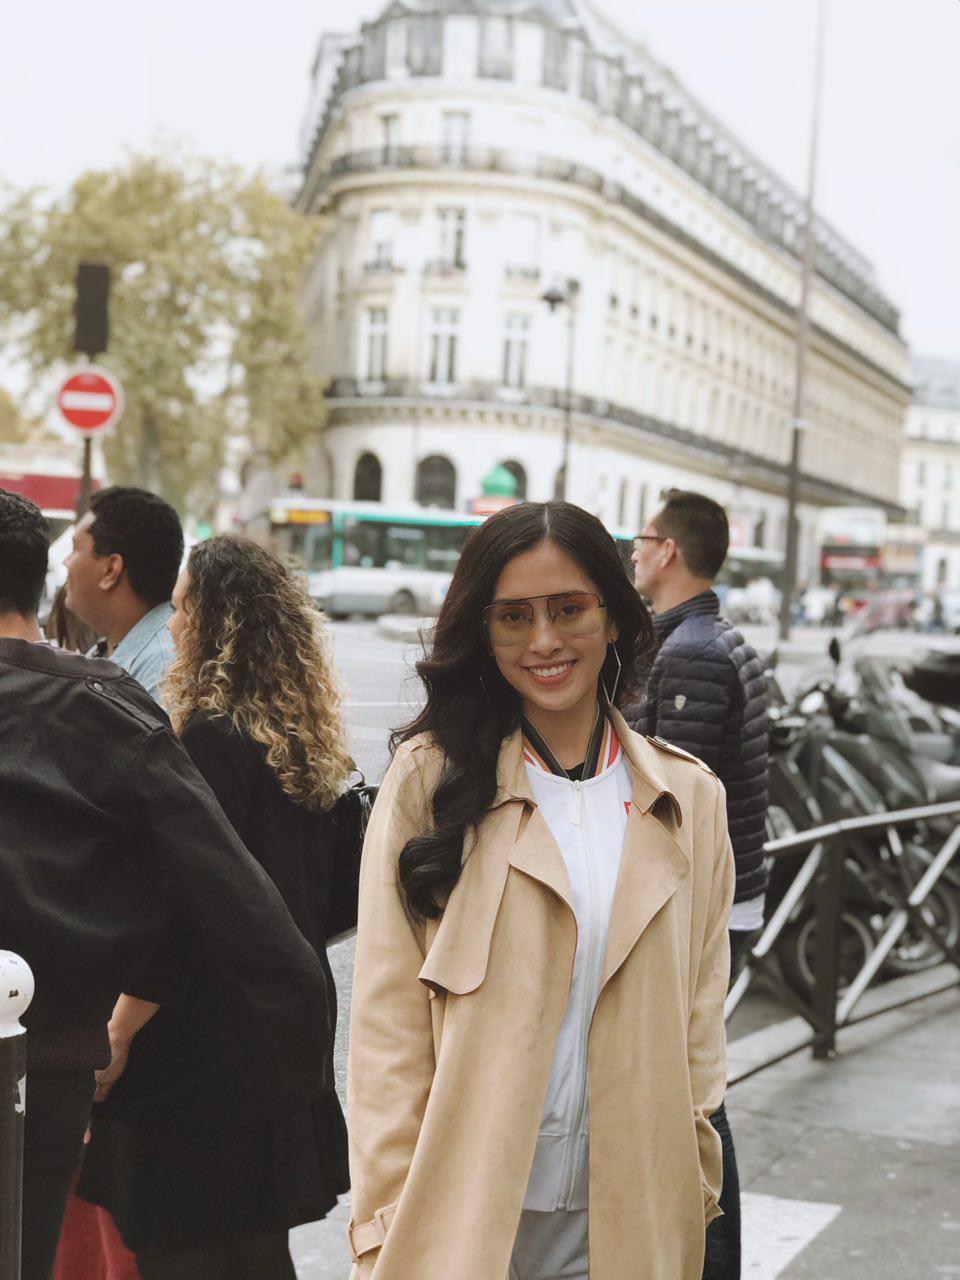 Trước thềm sự kiện ra mắt ô tô VINFAST, Hoa hậu Tiểu Vy diện đồ giản dị, hào hứng khám phá Paris - Ảnh 4.